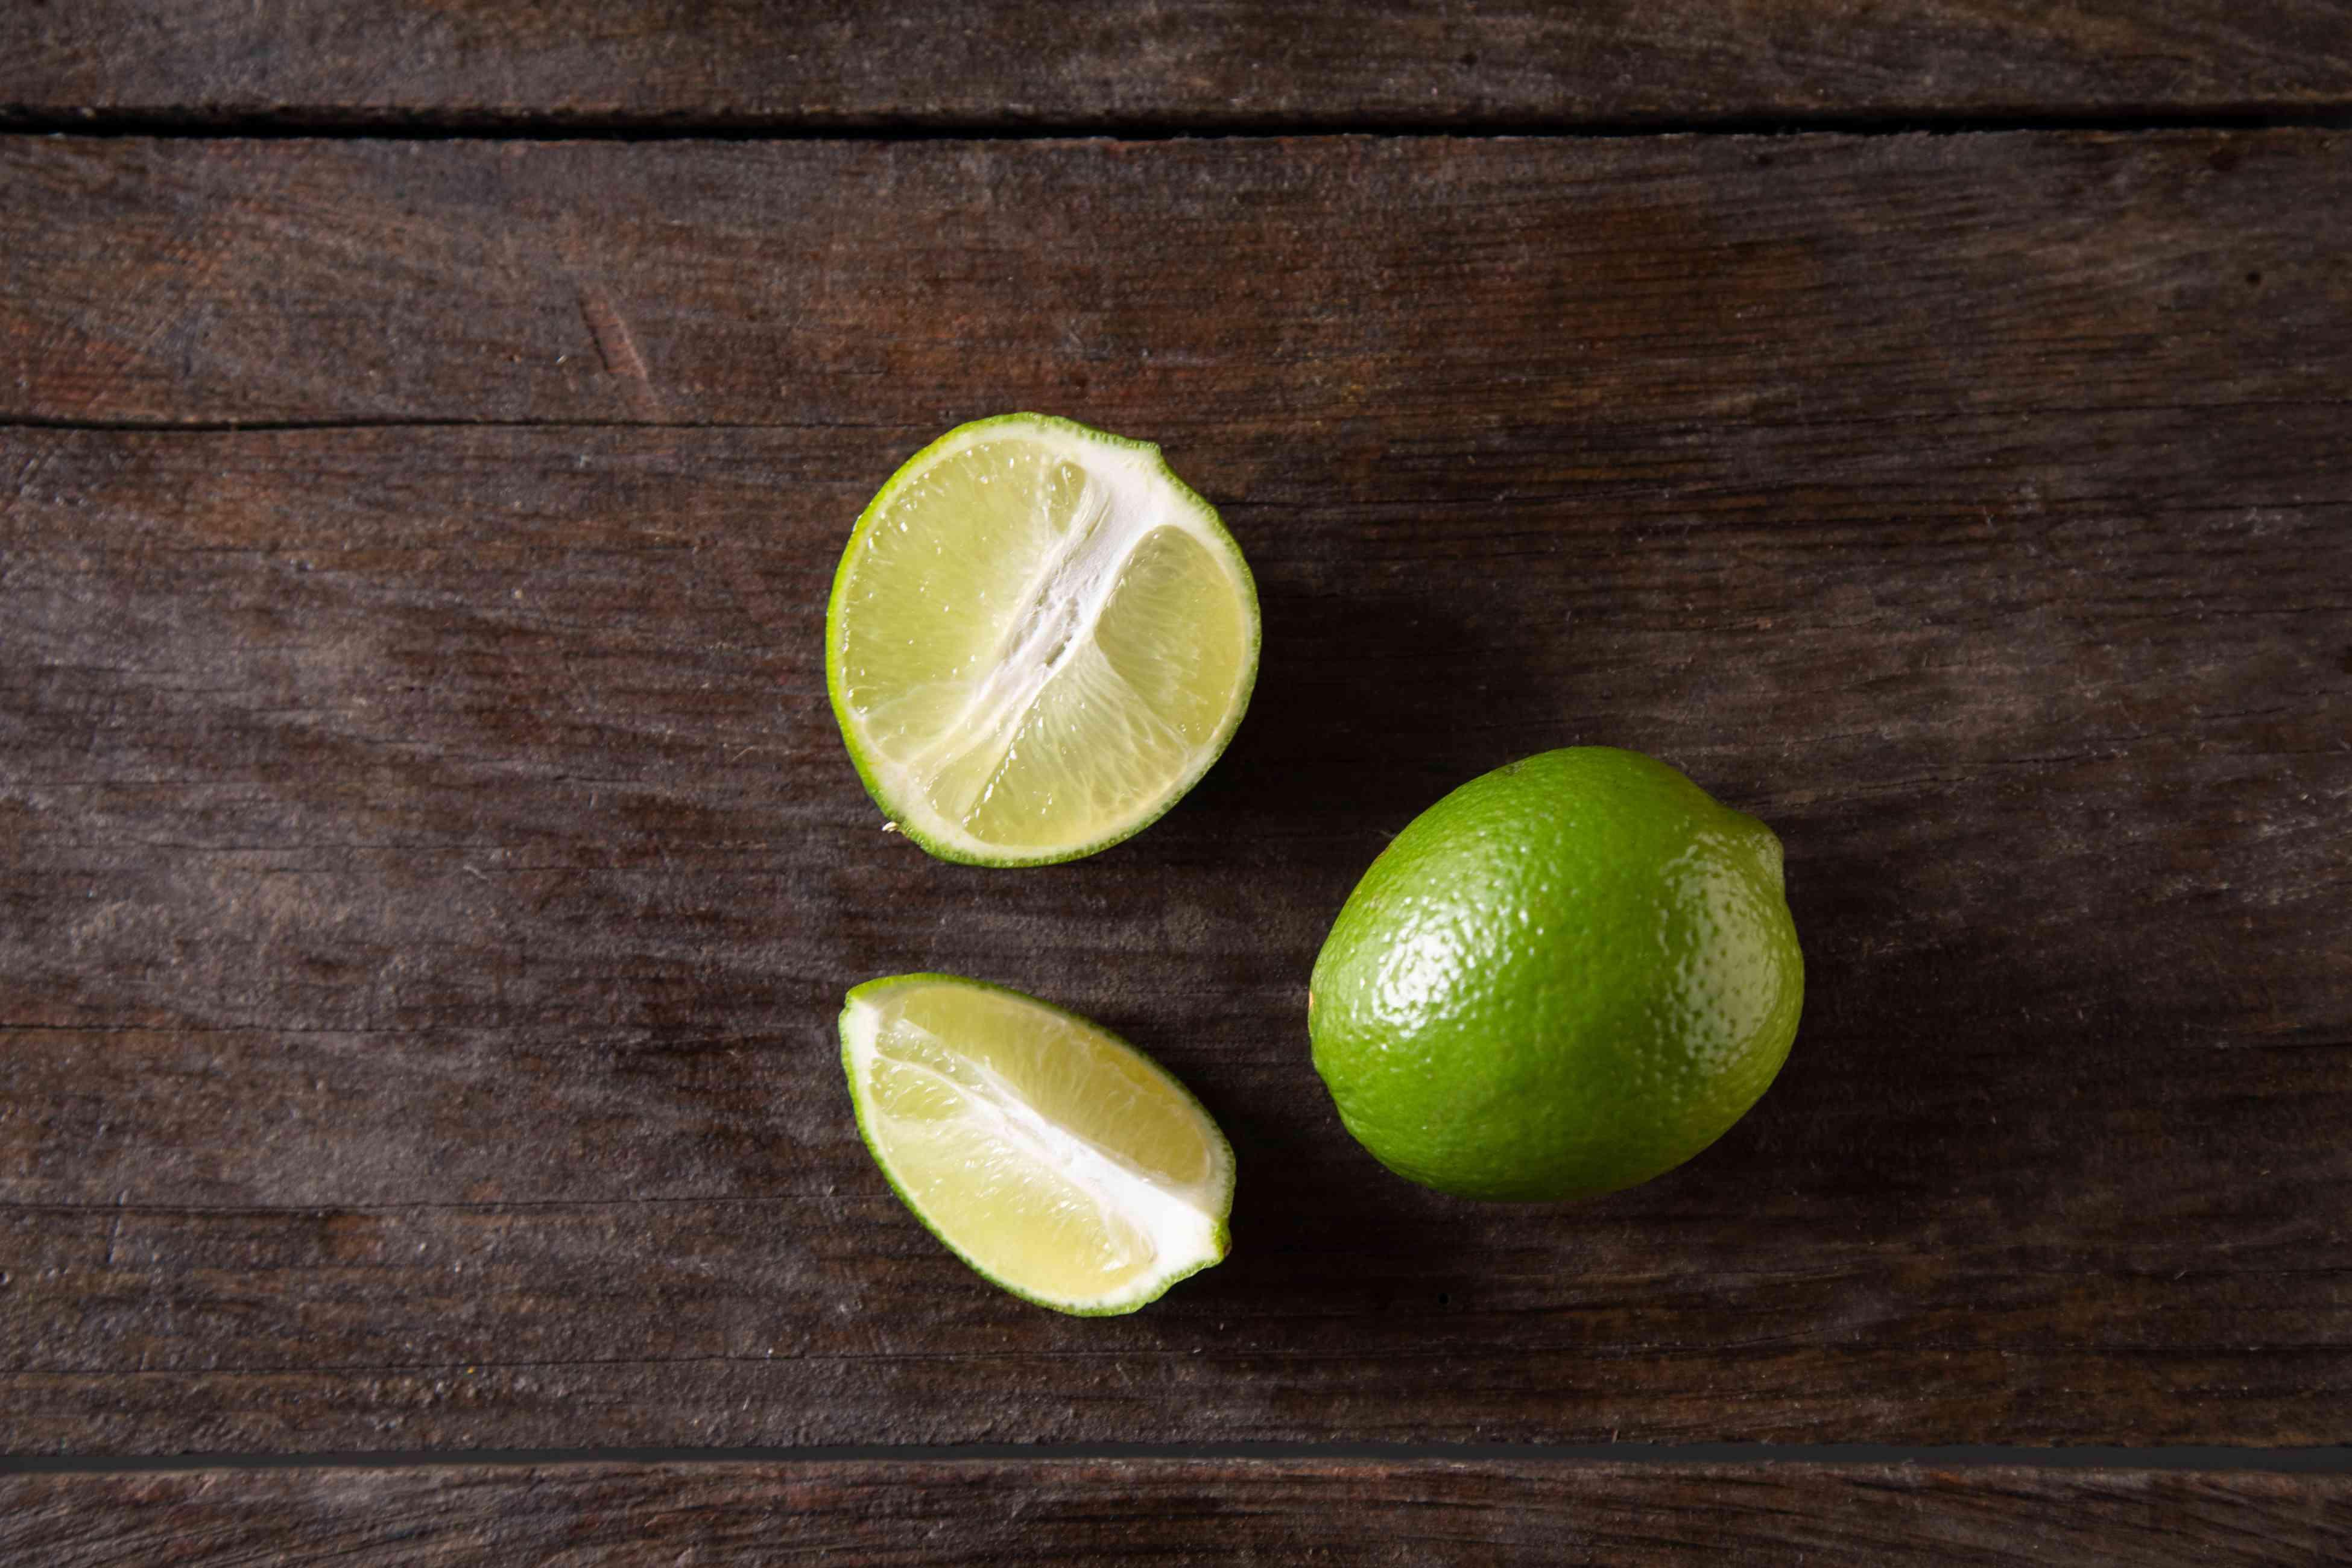 Limes on dark background